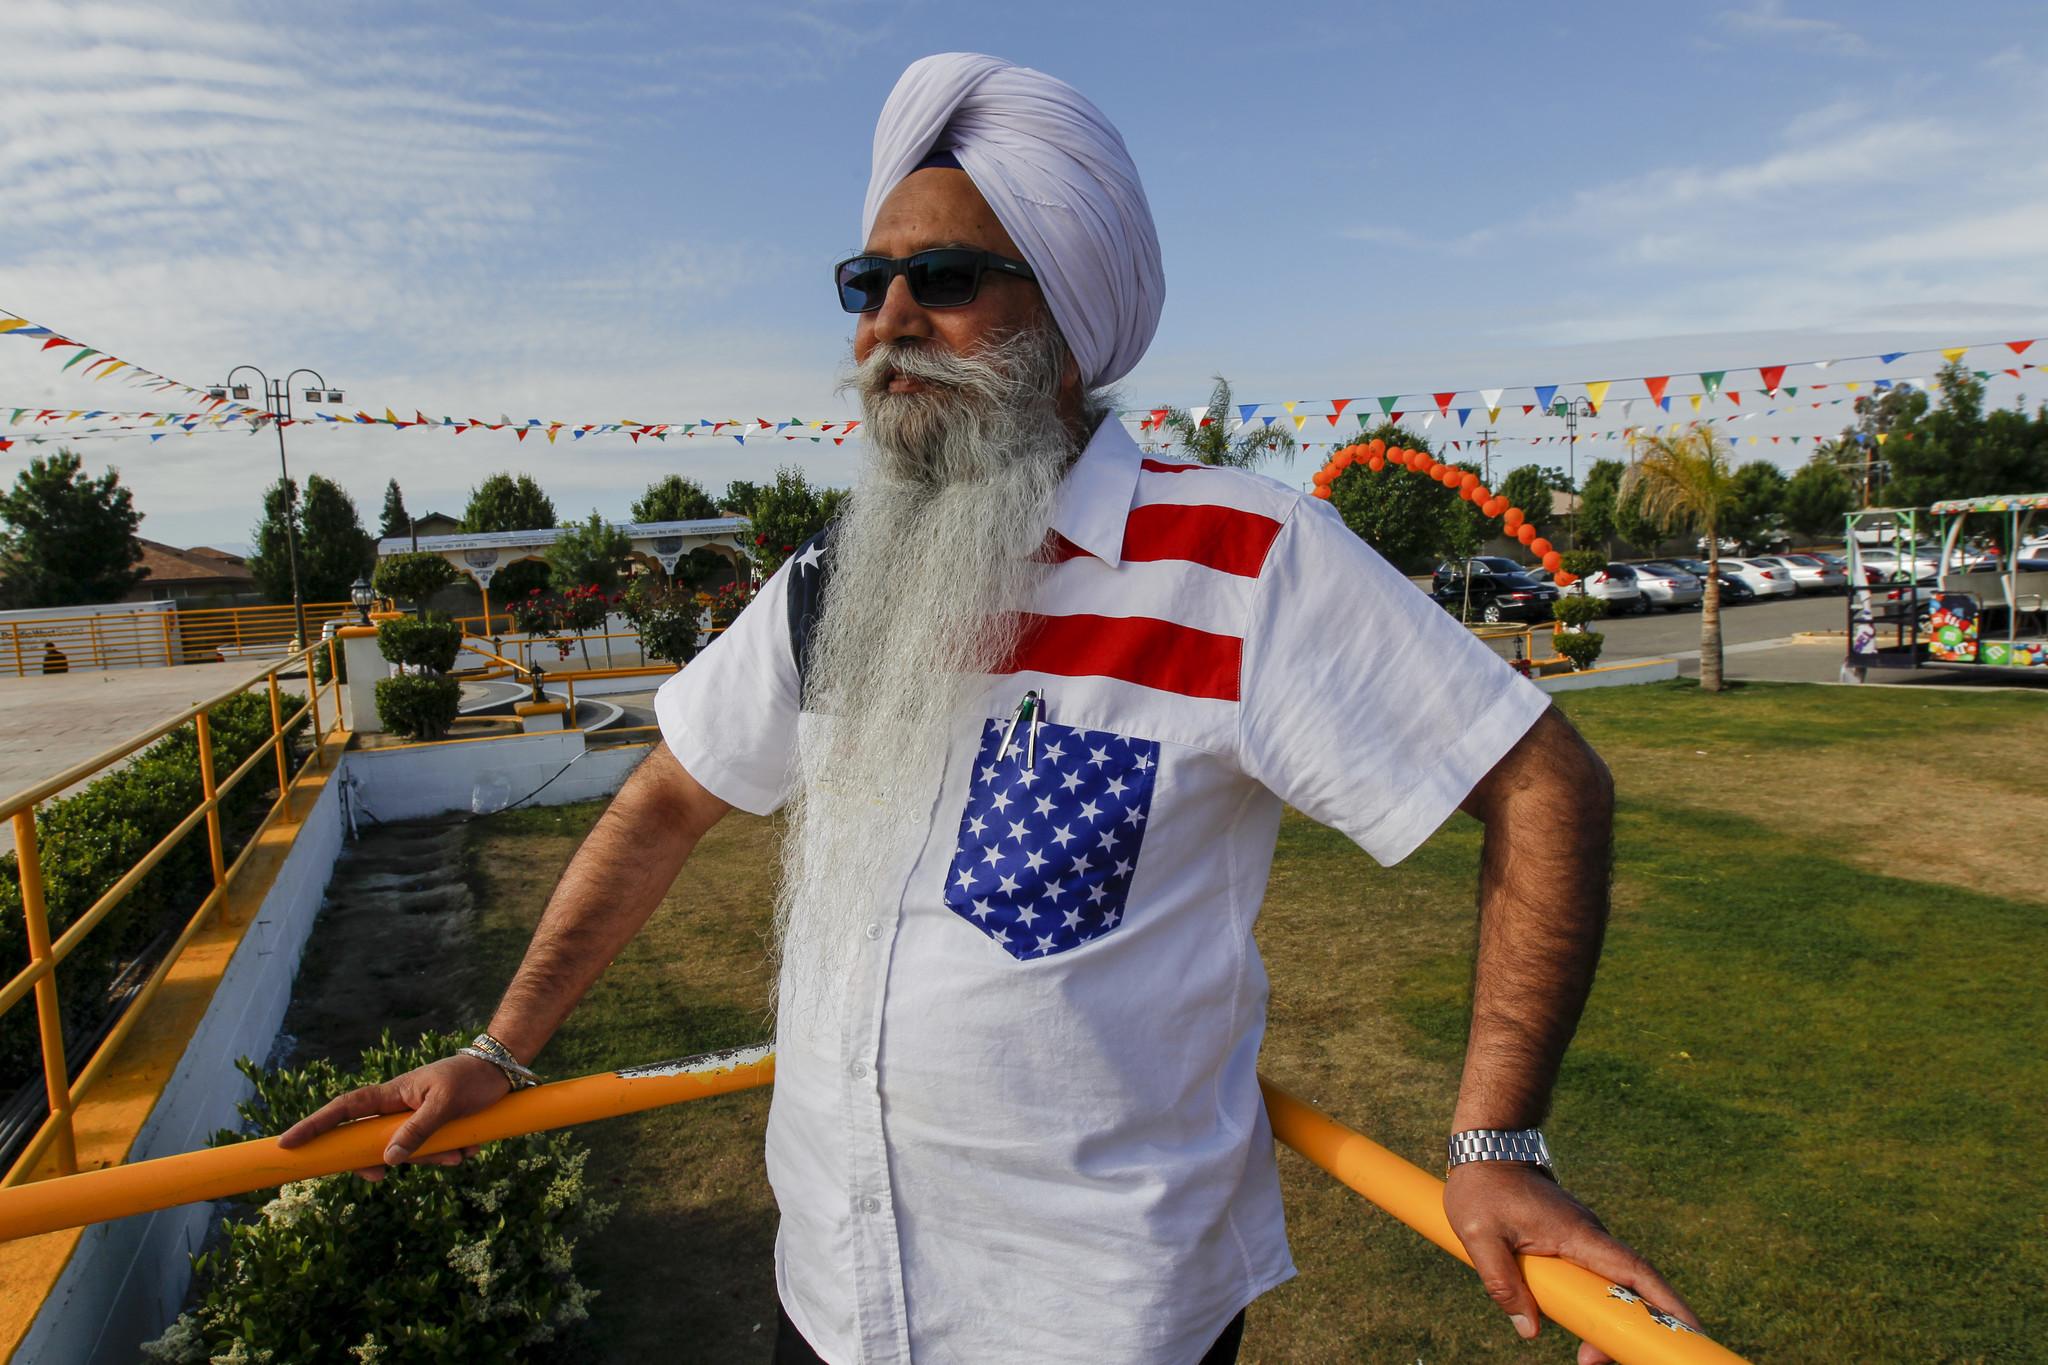 Gurcharan Singh, 63, celebrates a holiday parade at his gurdwara.